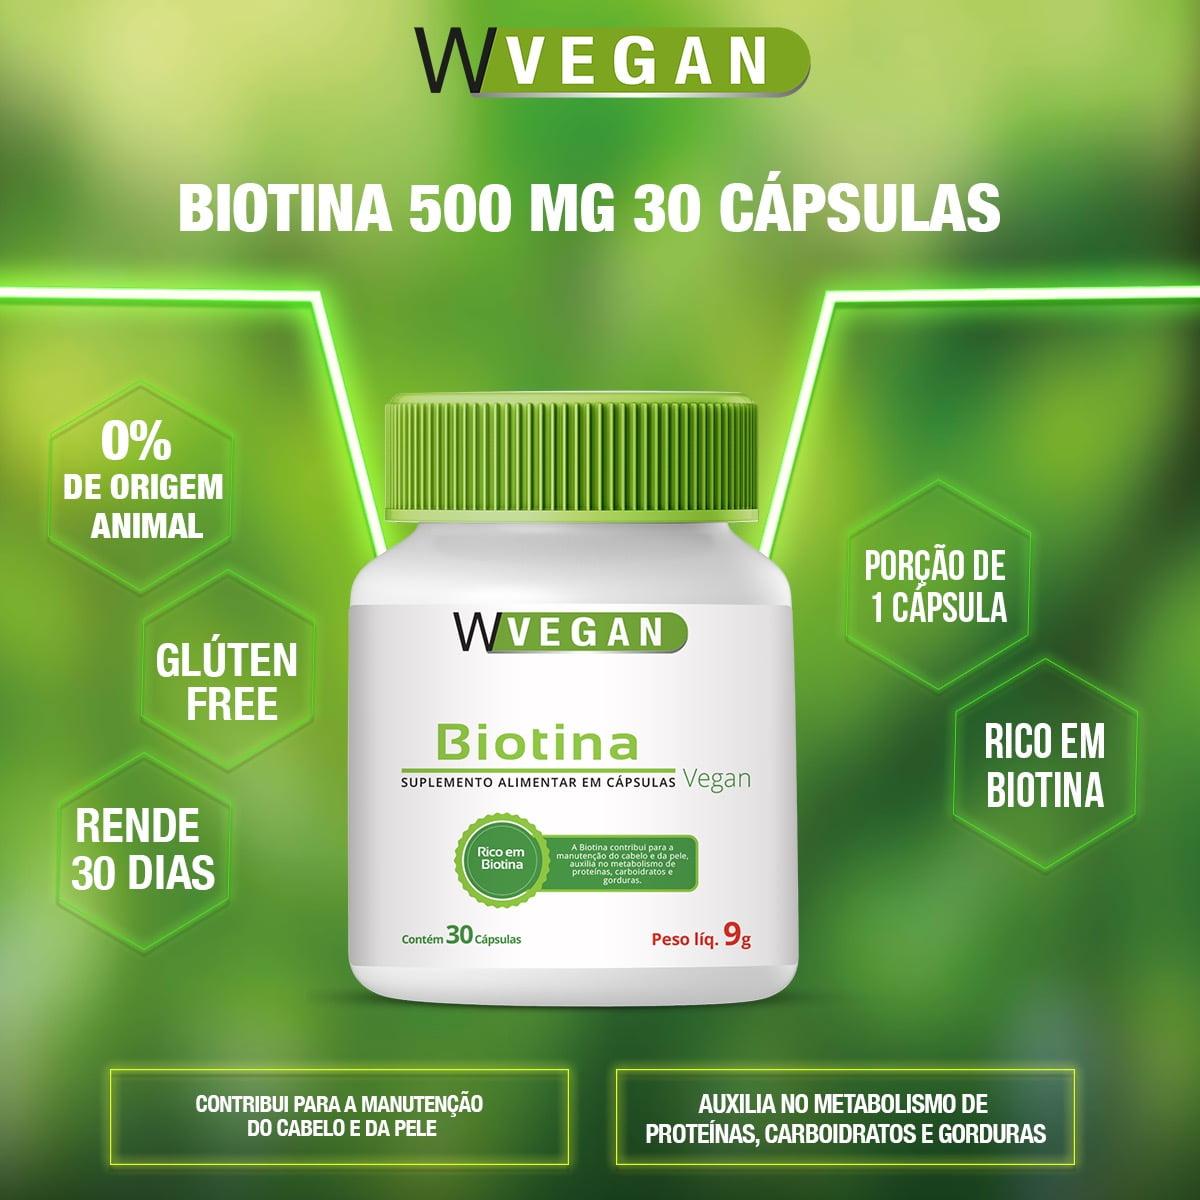 Biotina 500mg 30 capsulas WVegan